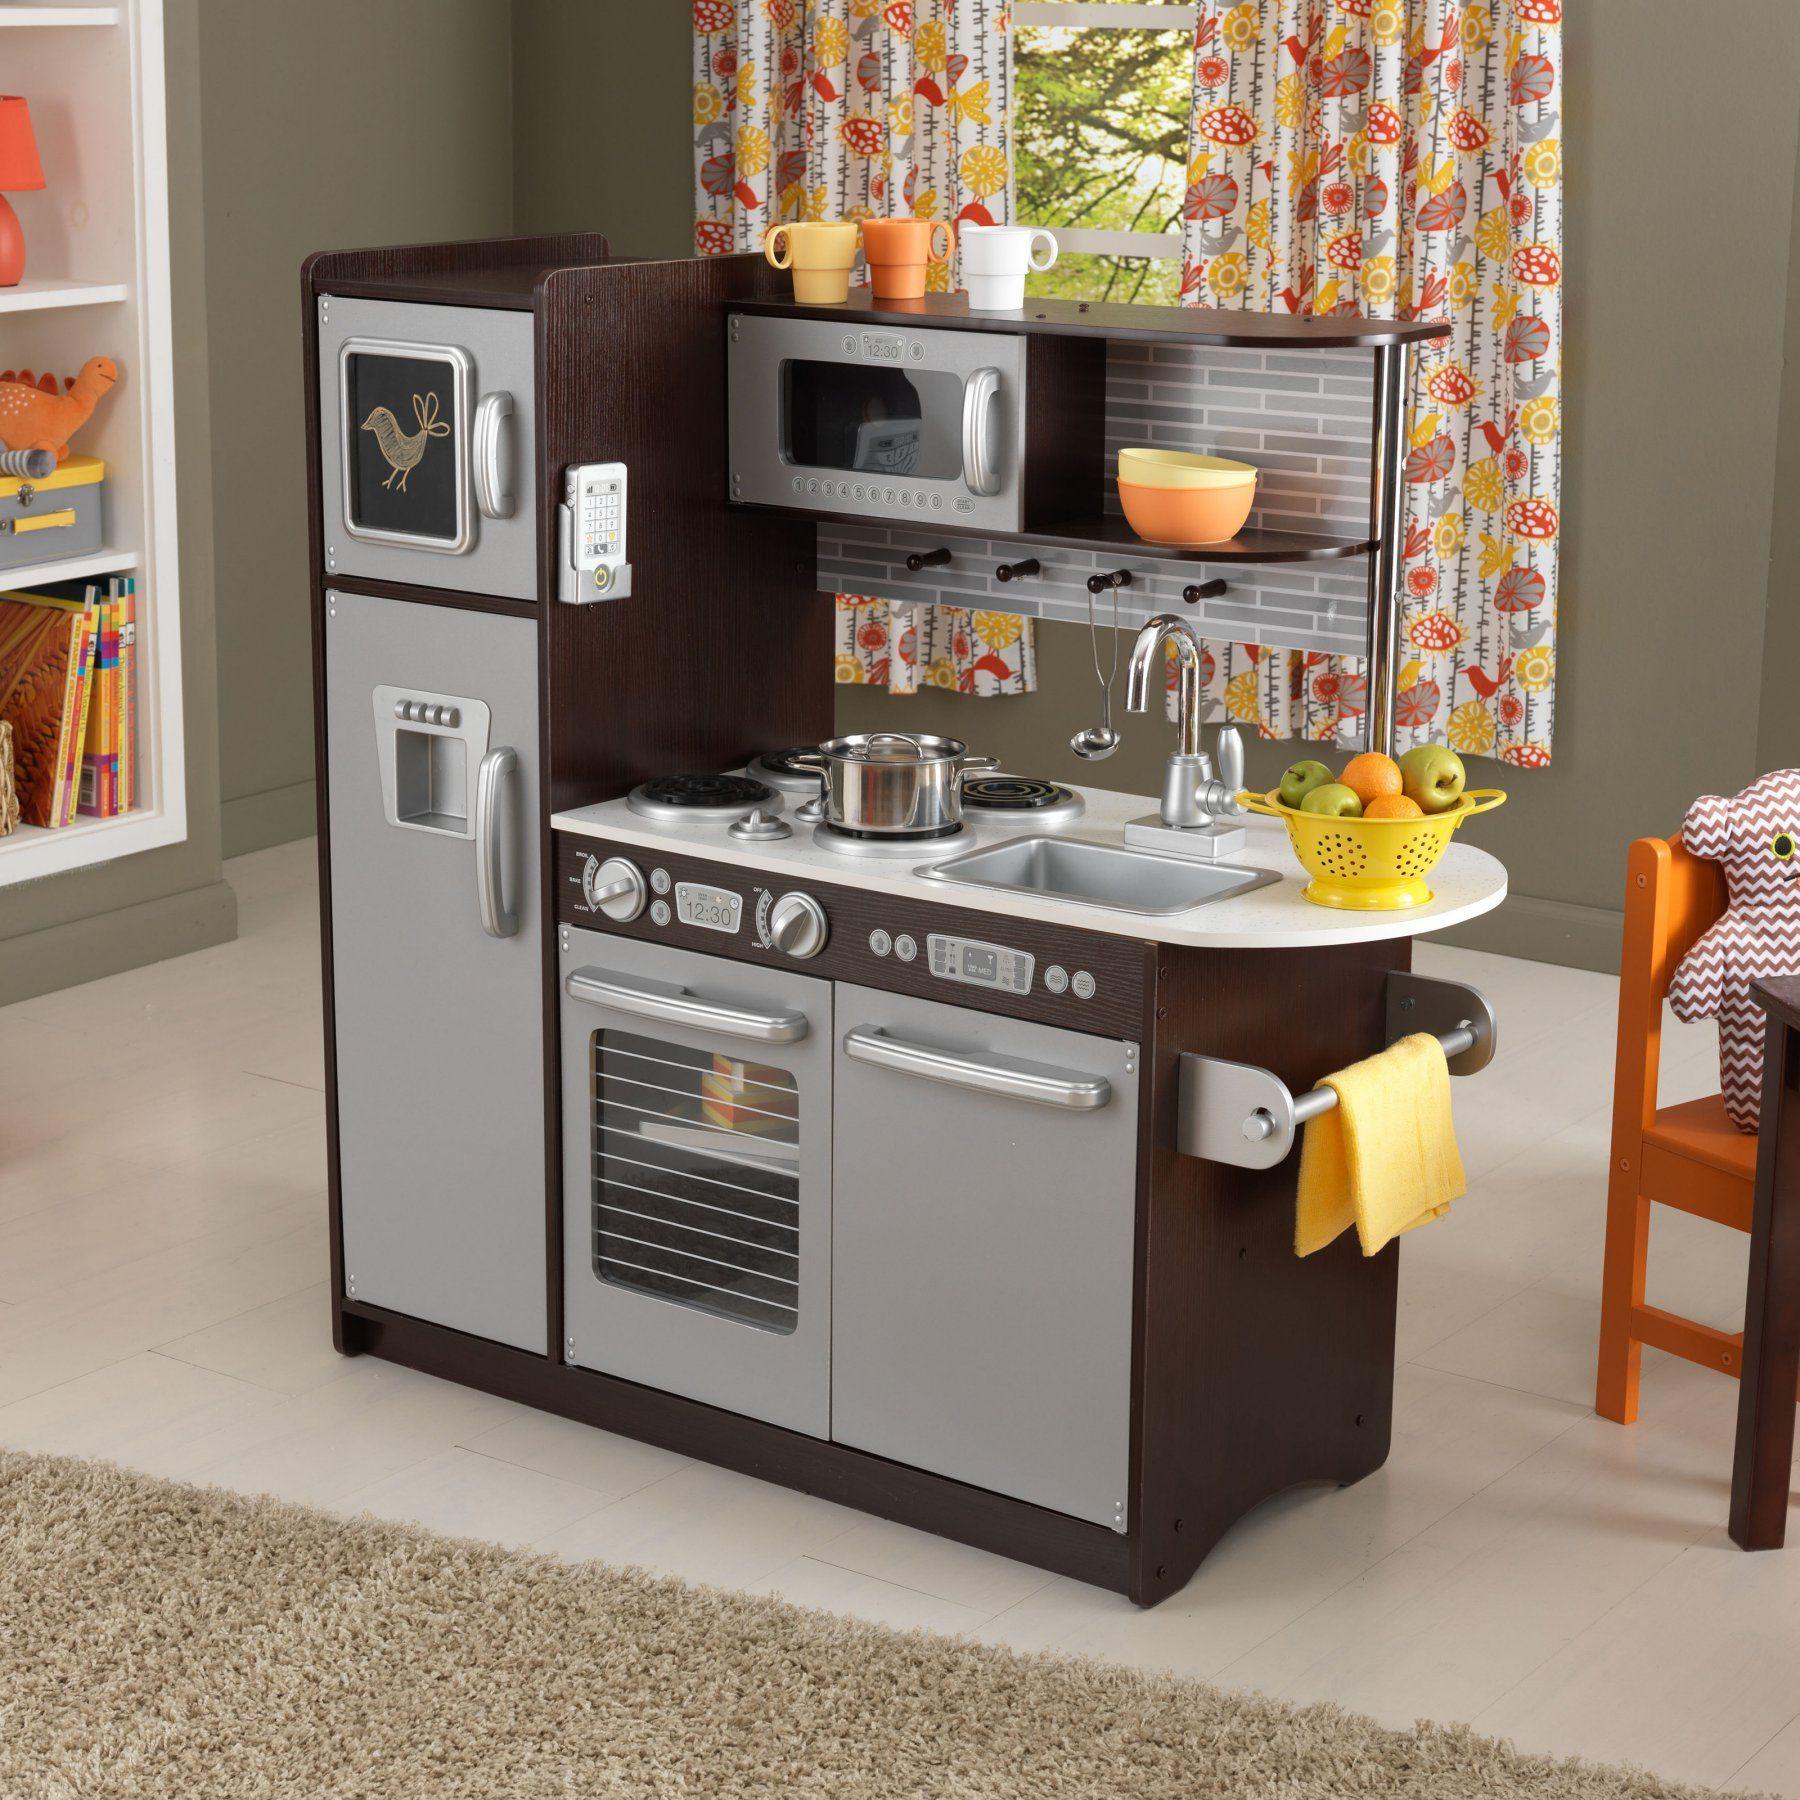 KidKraft Uptown Espresso Play Kitchen - 53260 - 53260   Shop ...